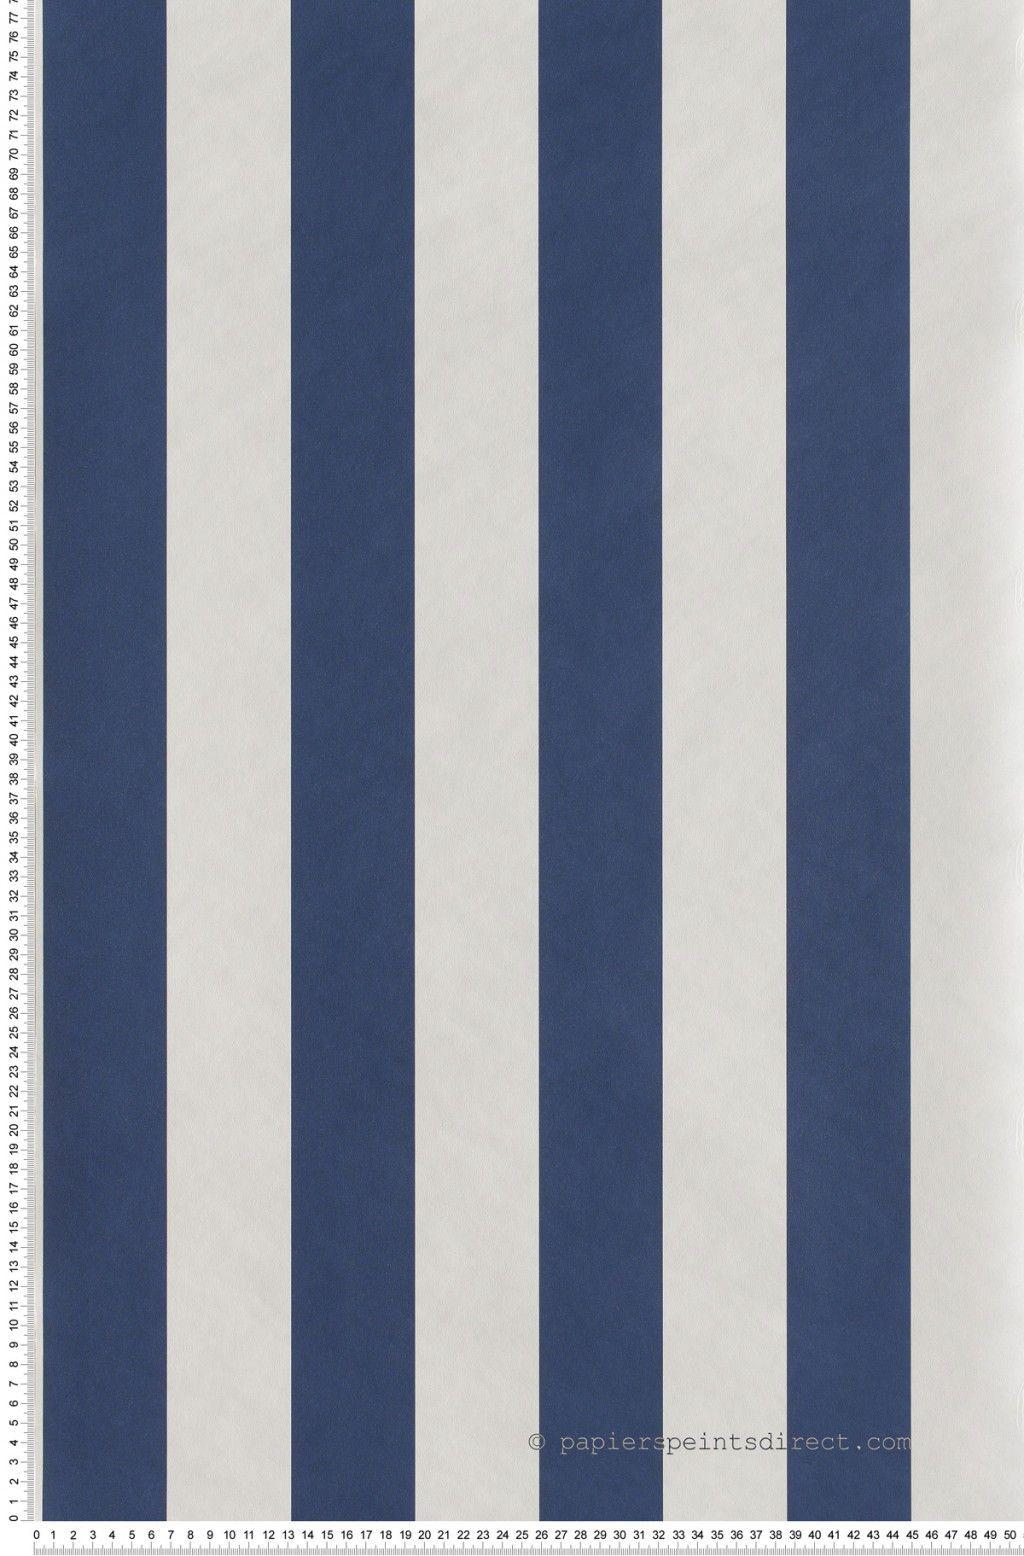 Papier Peint Deco Marine rayures larges bicolores bleu marine et blanc - papier peint